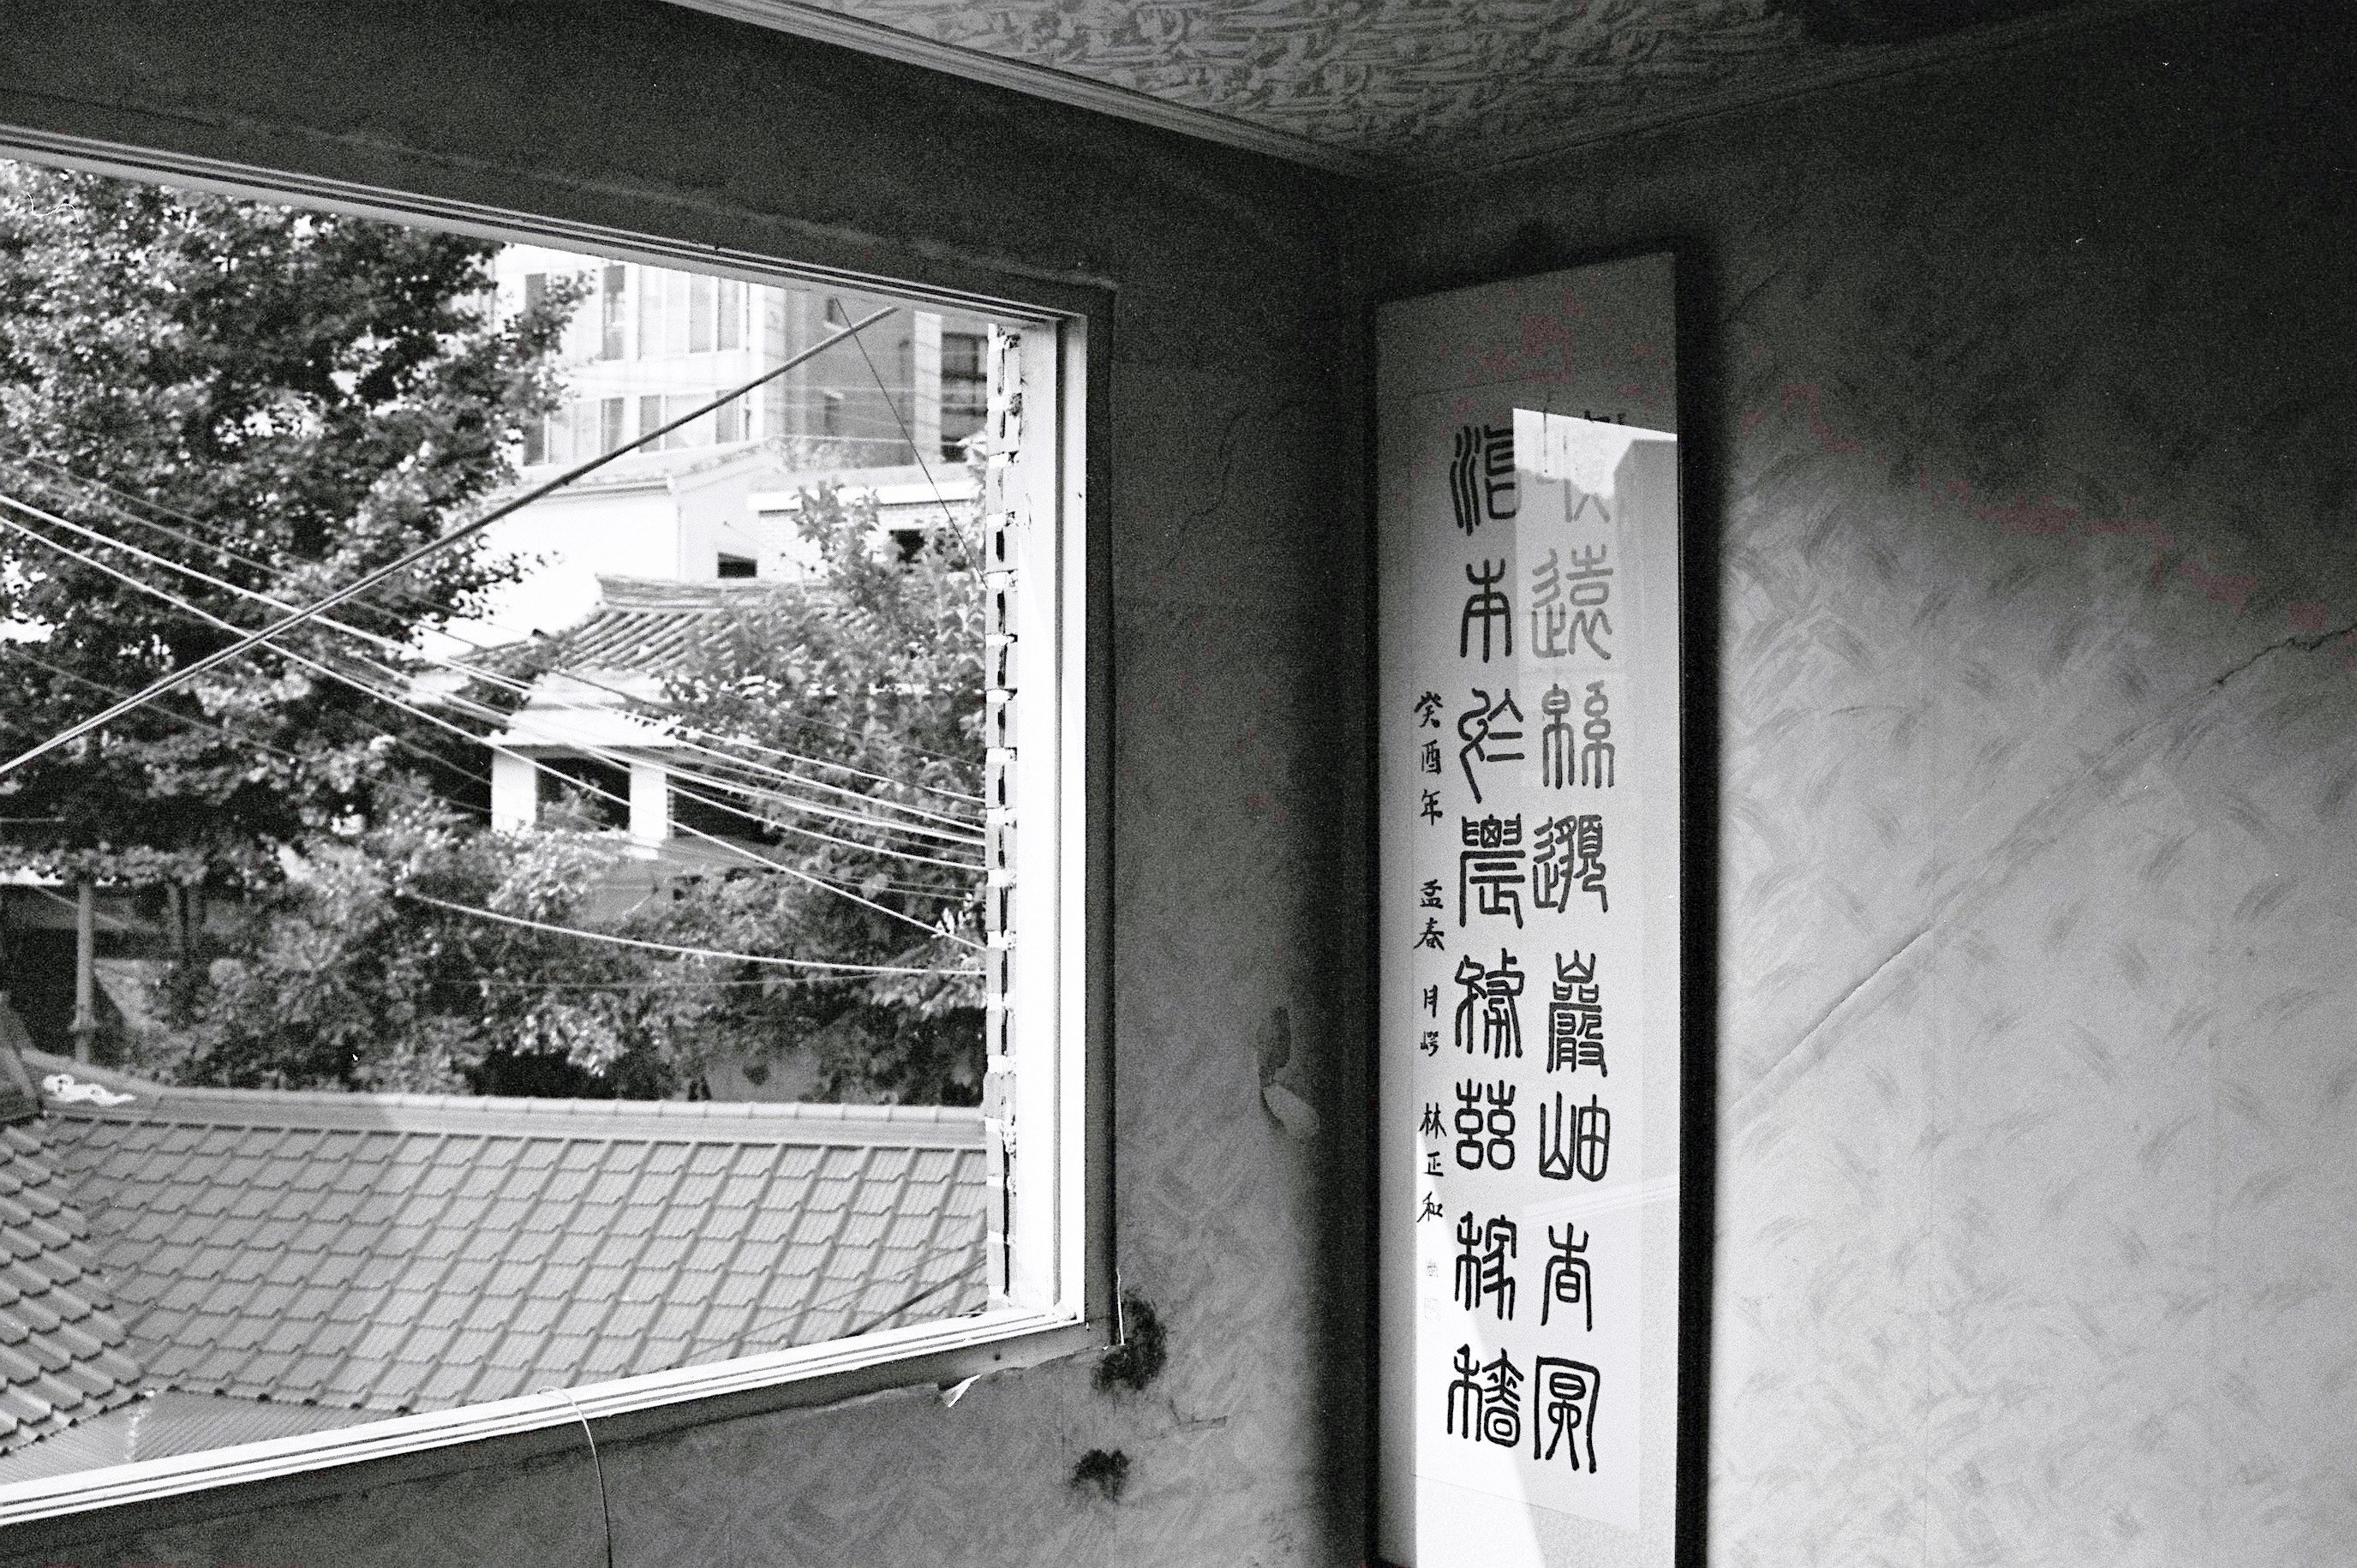 Gyonam-dong 3